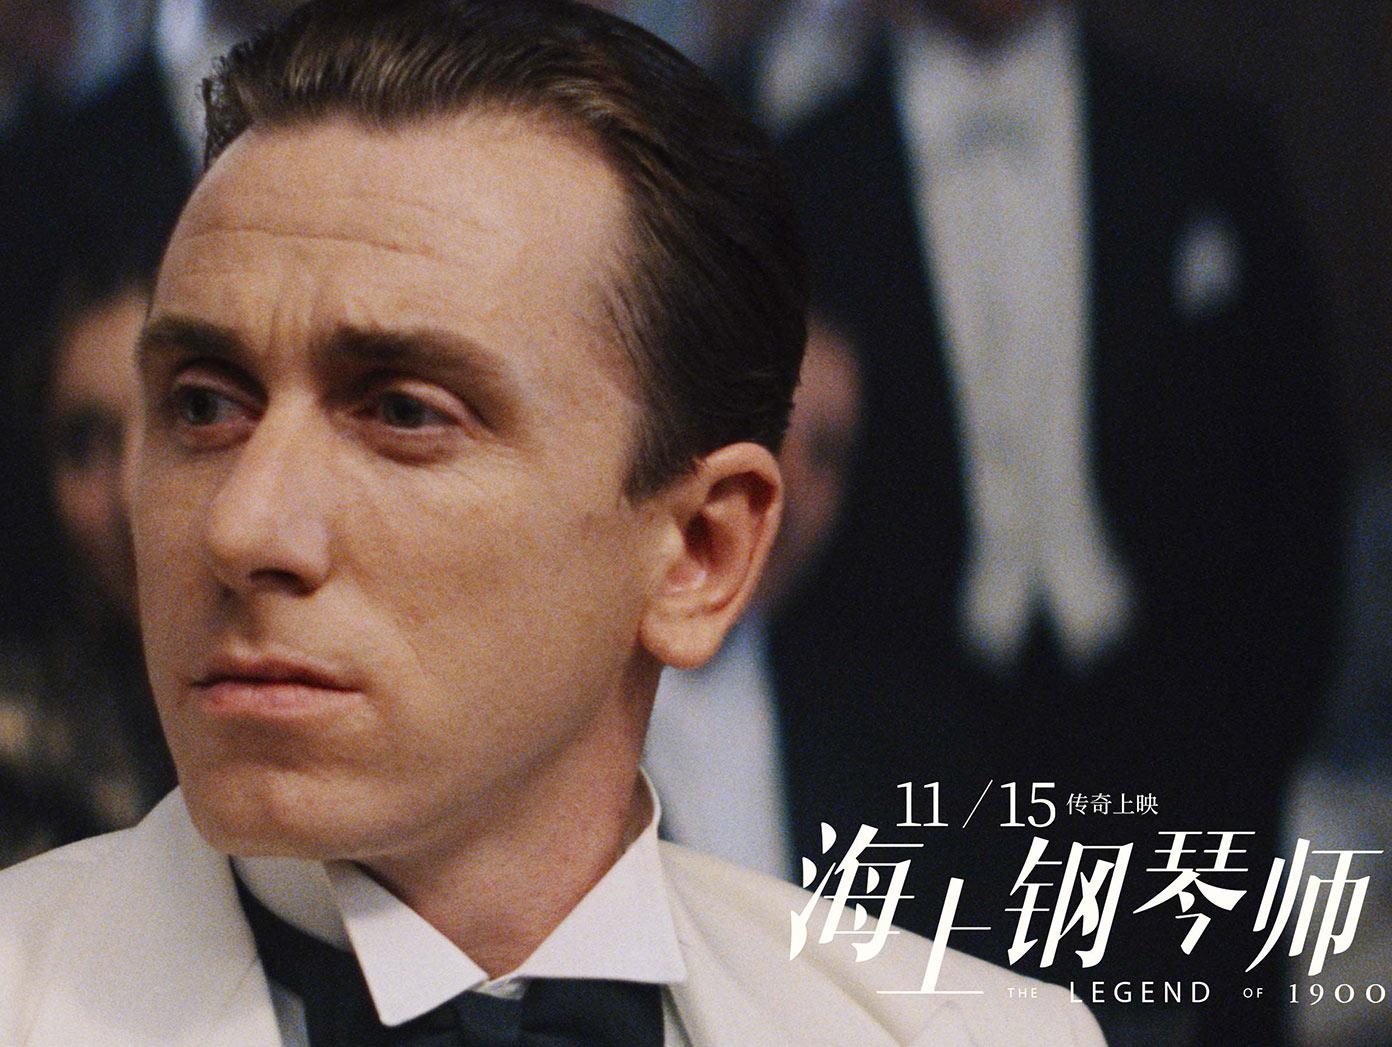 《海上钢琴师》重现浪漫传奇 11月9日开启限量点映